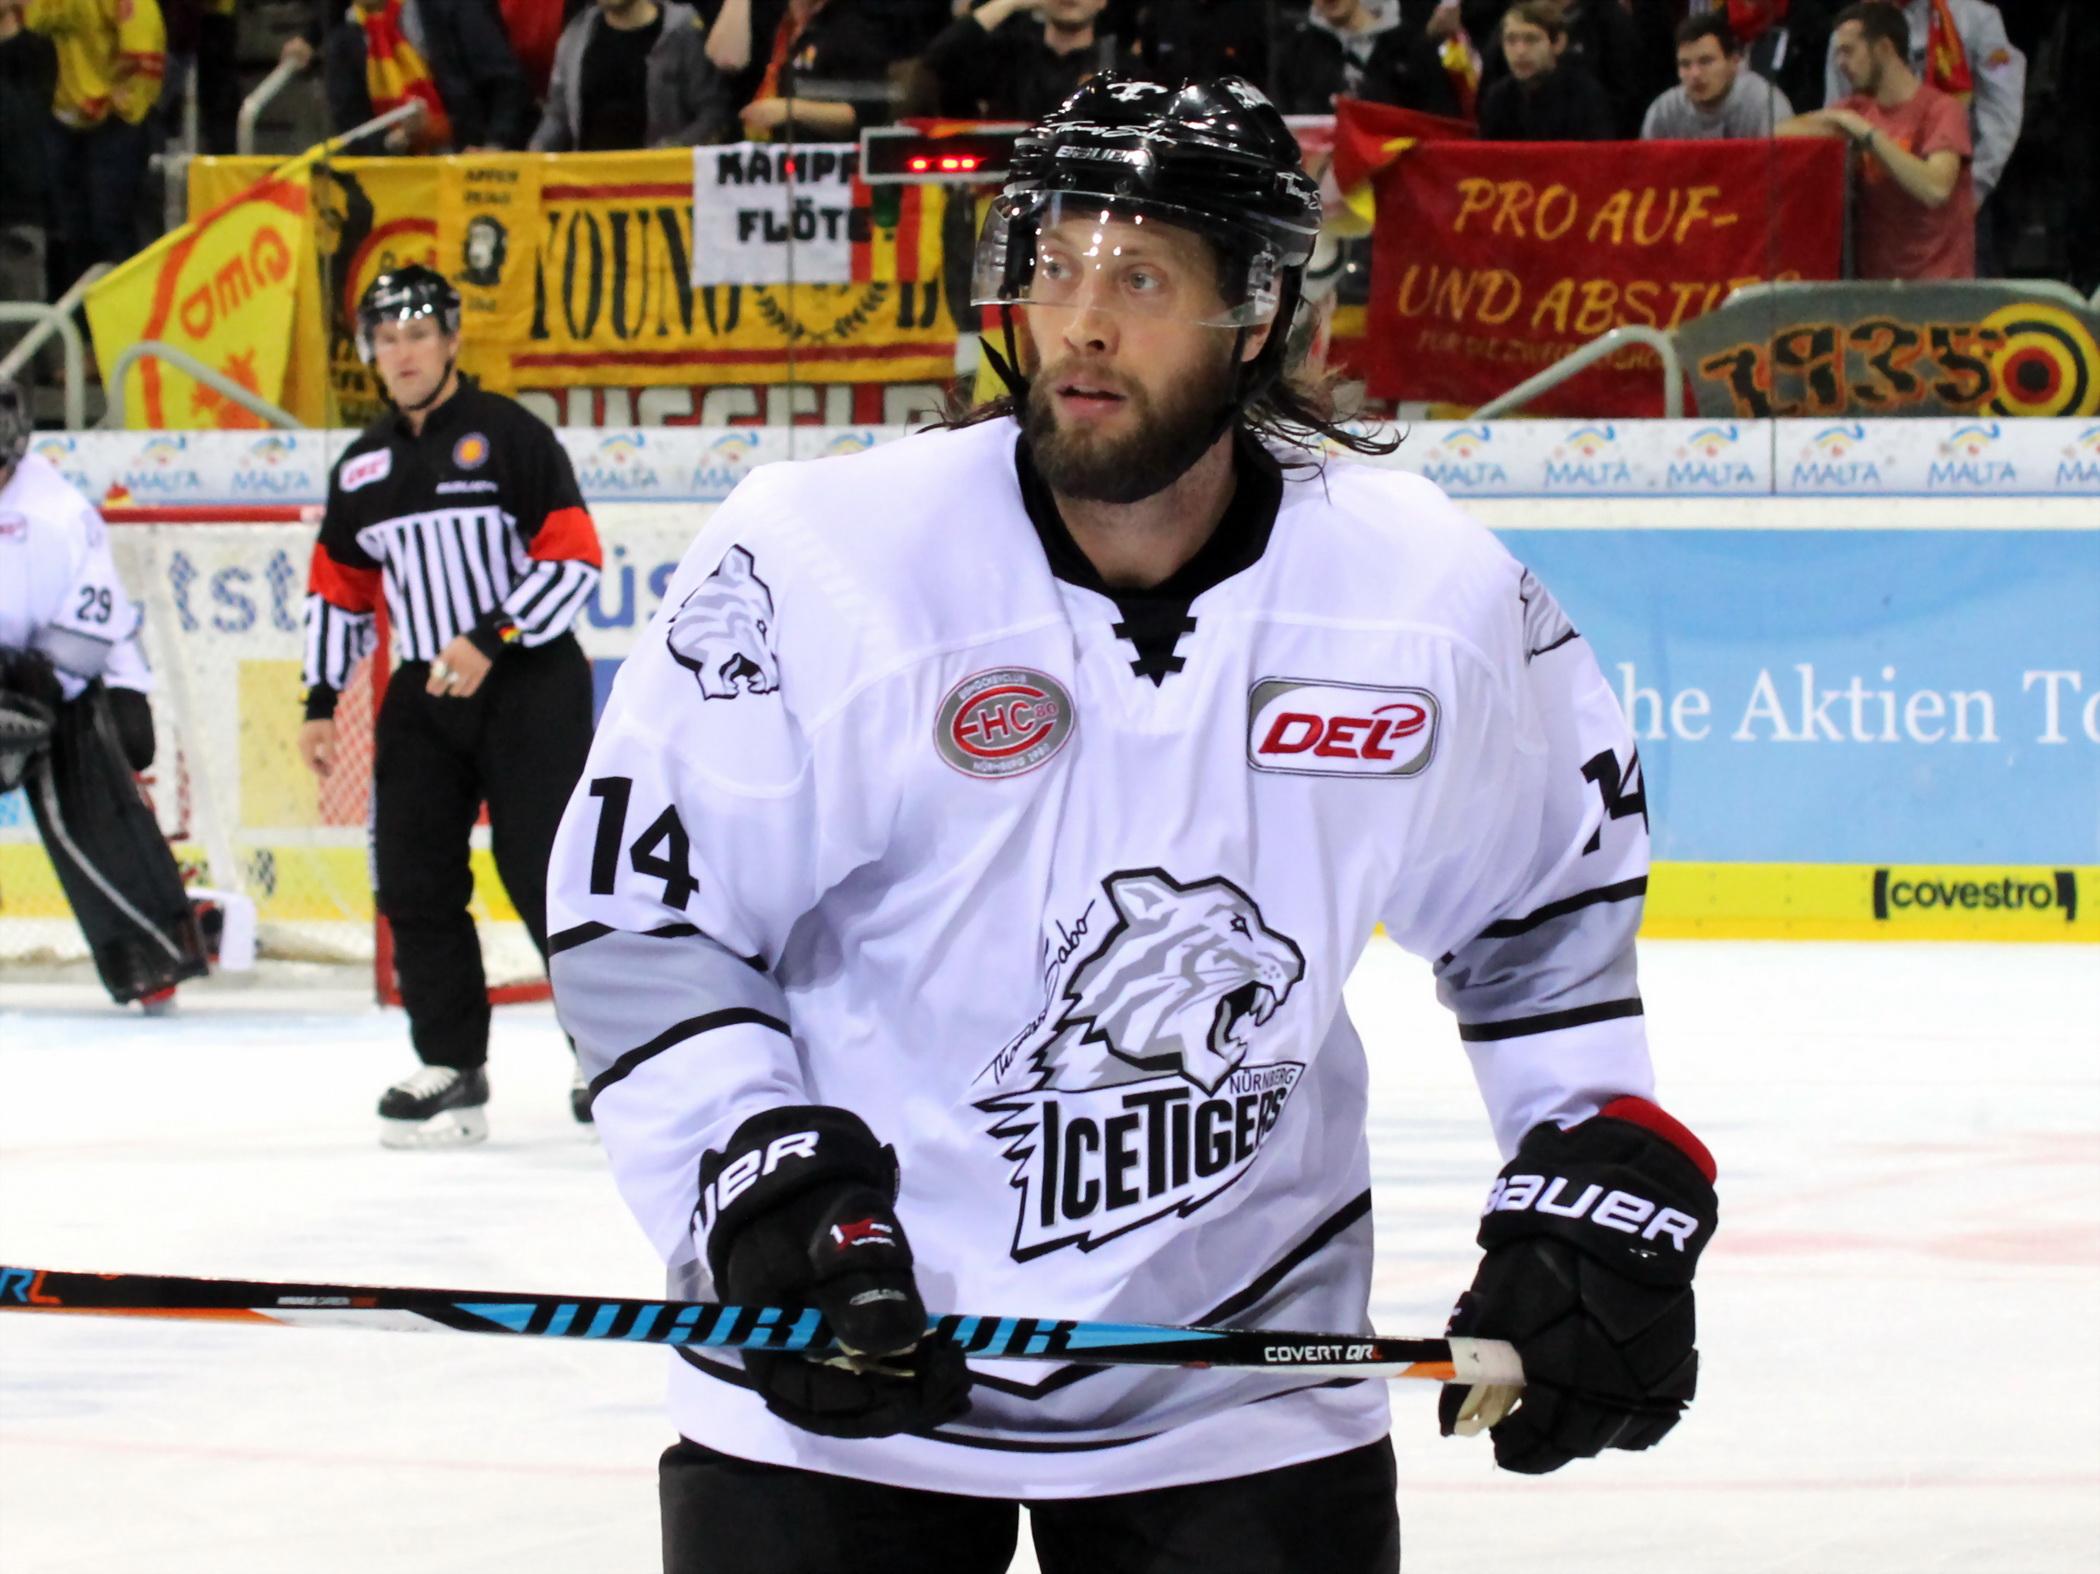 Thomas Sabo Eishockey